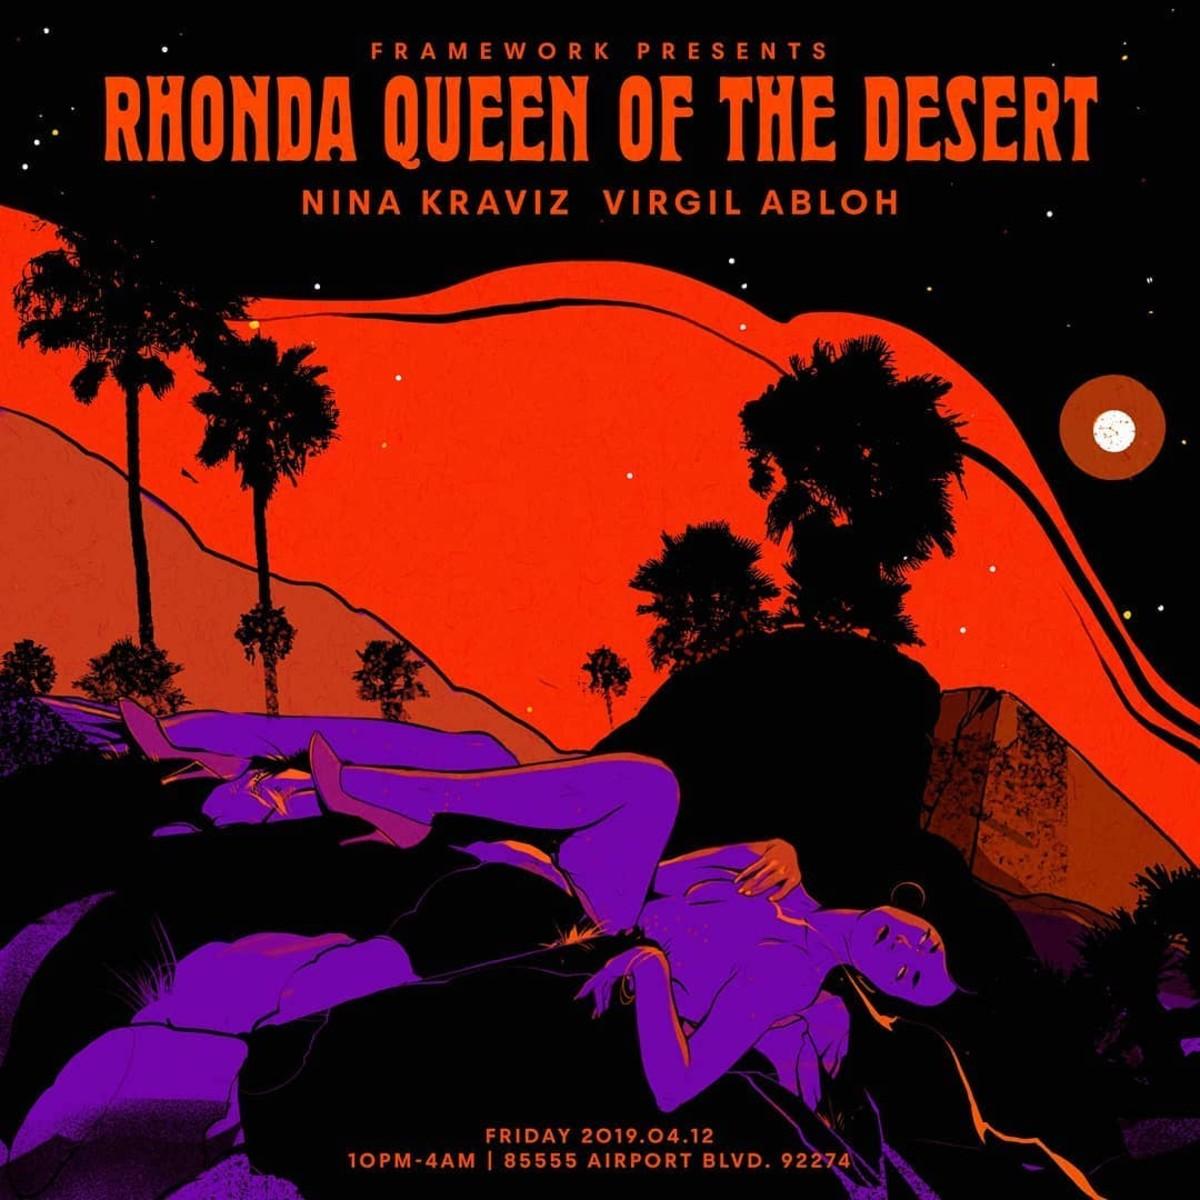 let's get ready to RHOOOOOONDAAAAAAAAAA in the desert!